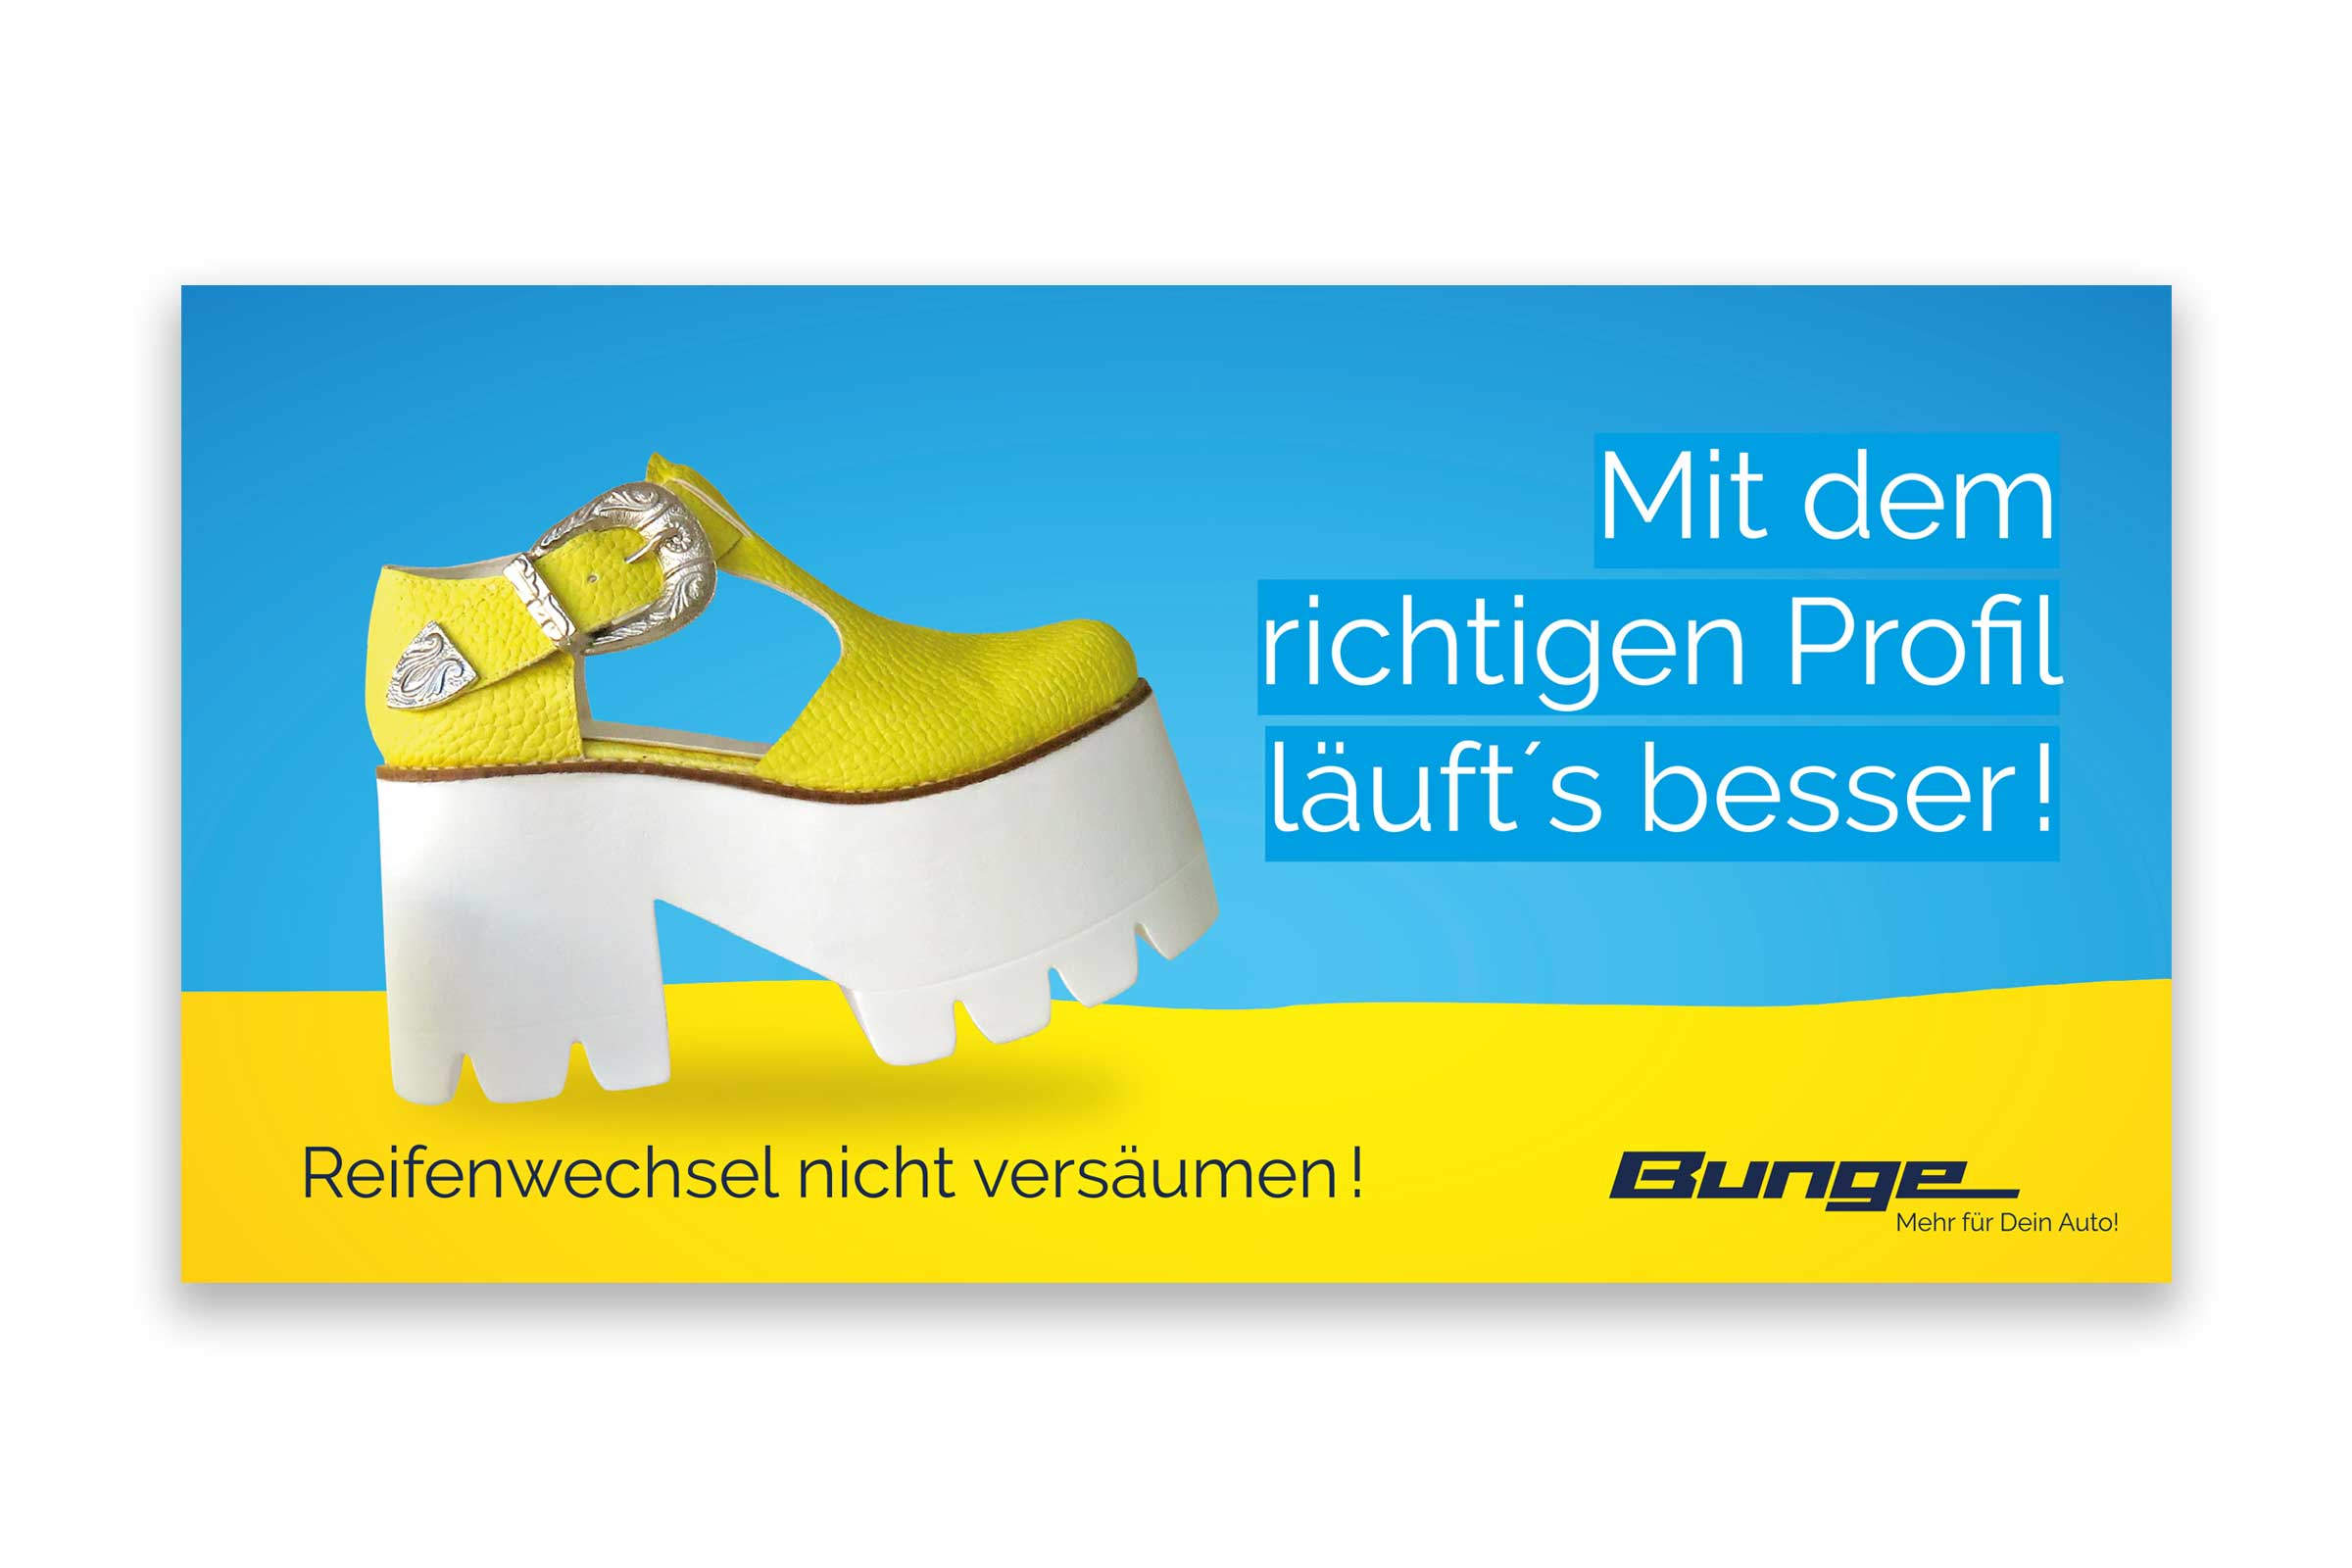 Reklame Reifenwechsel